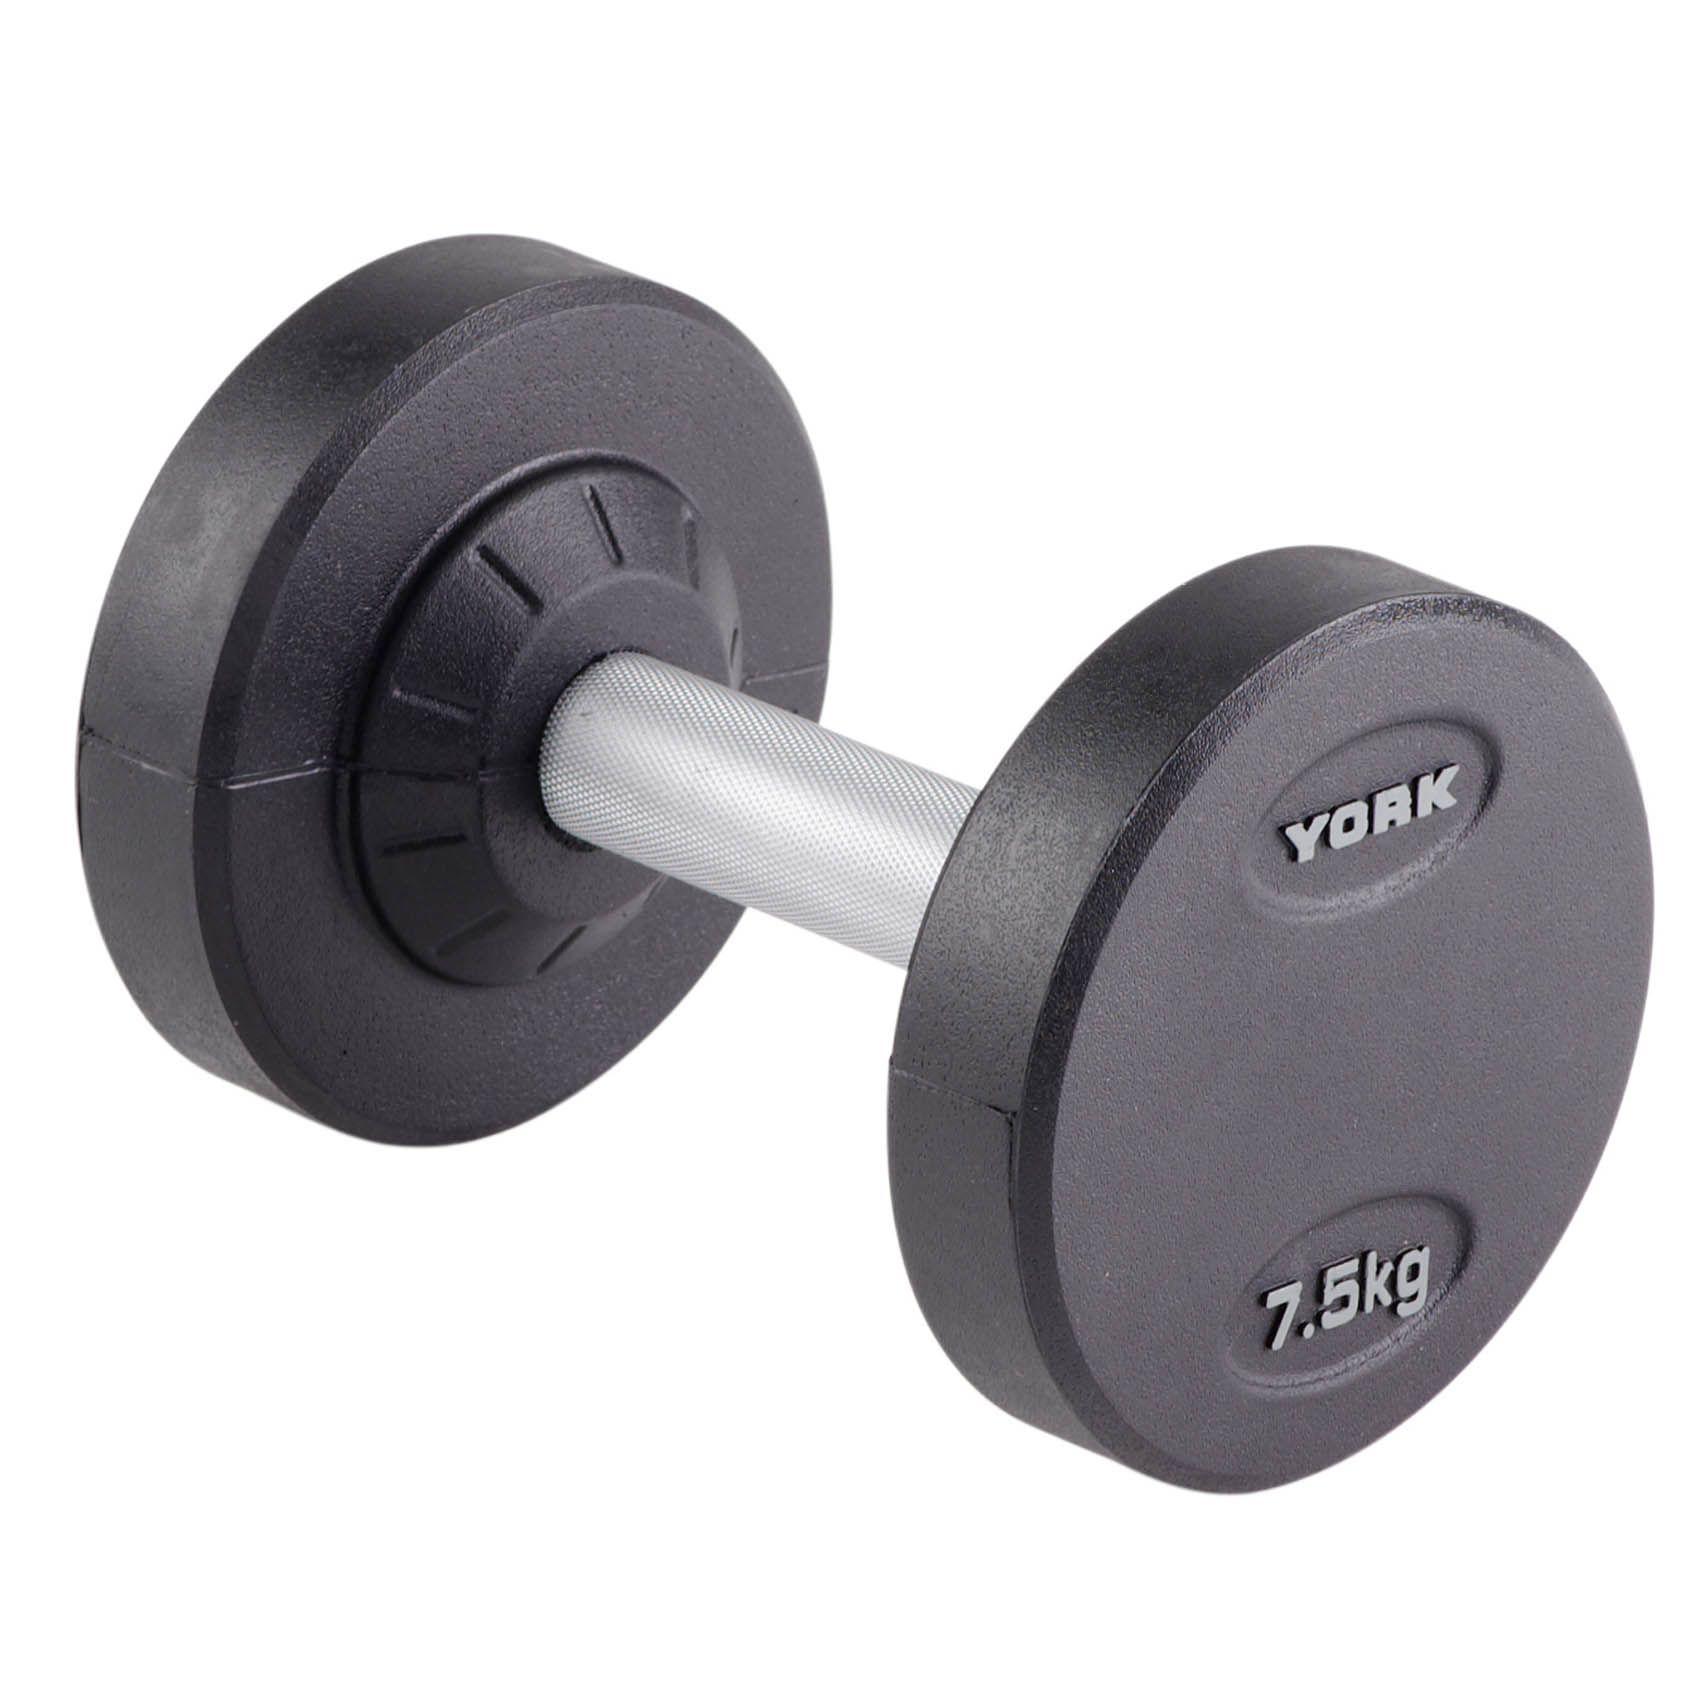 York 7.5kg Pro-Style Dumbbell